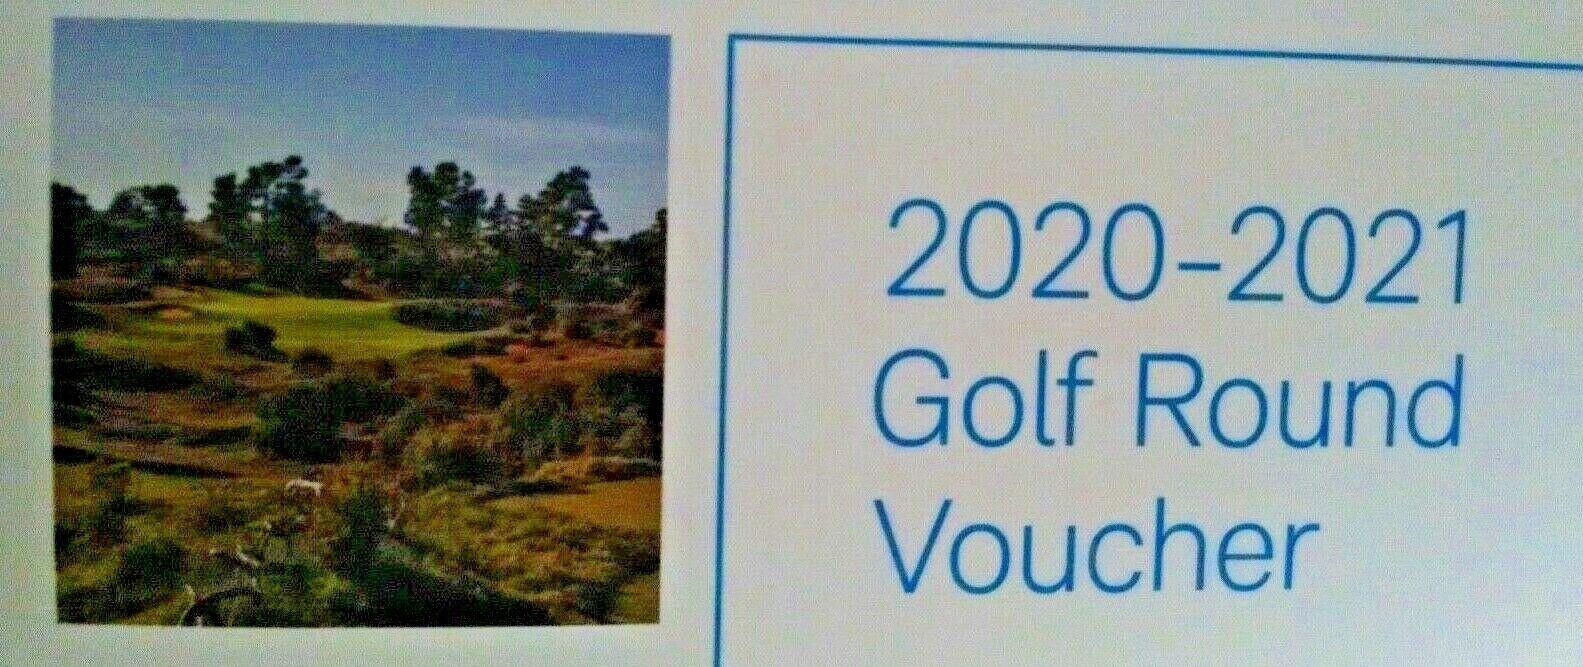 TPC Sawgrass Golf Voucher Valid Oct 2020 - Mar 2021 - $250.00